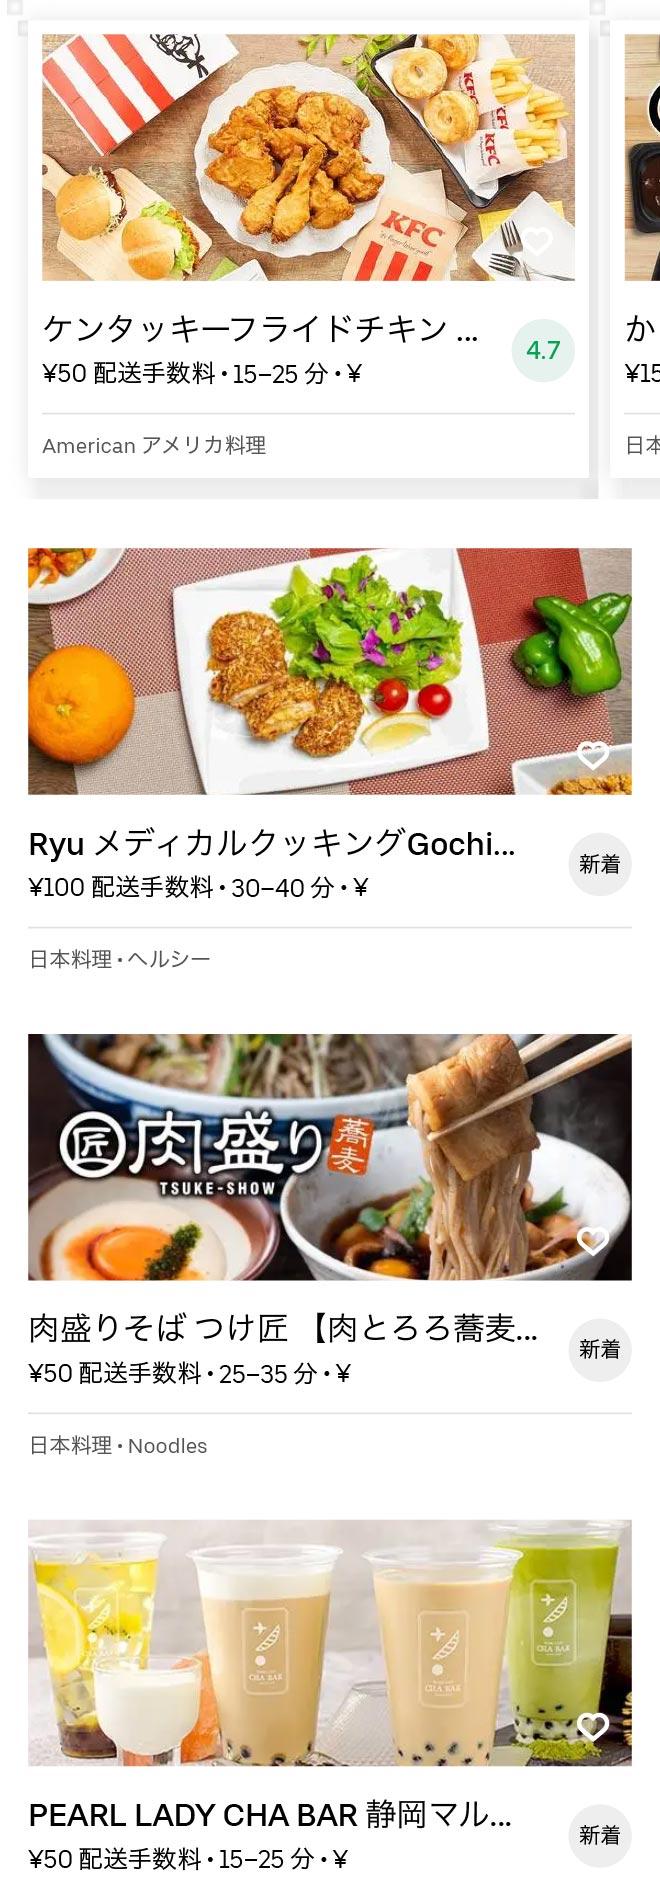 Shizuoka menu 2010 02